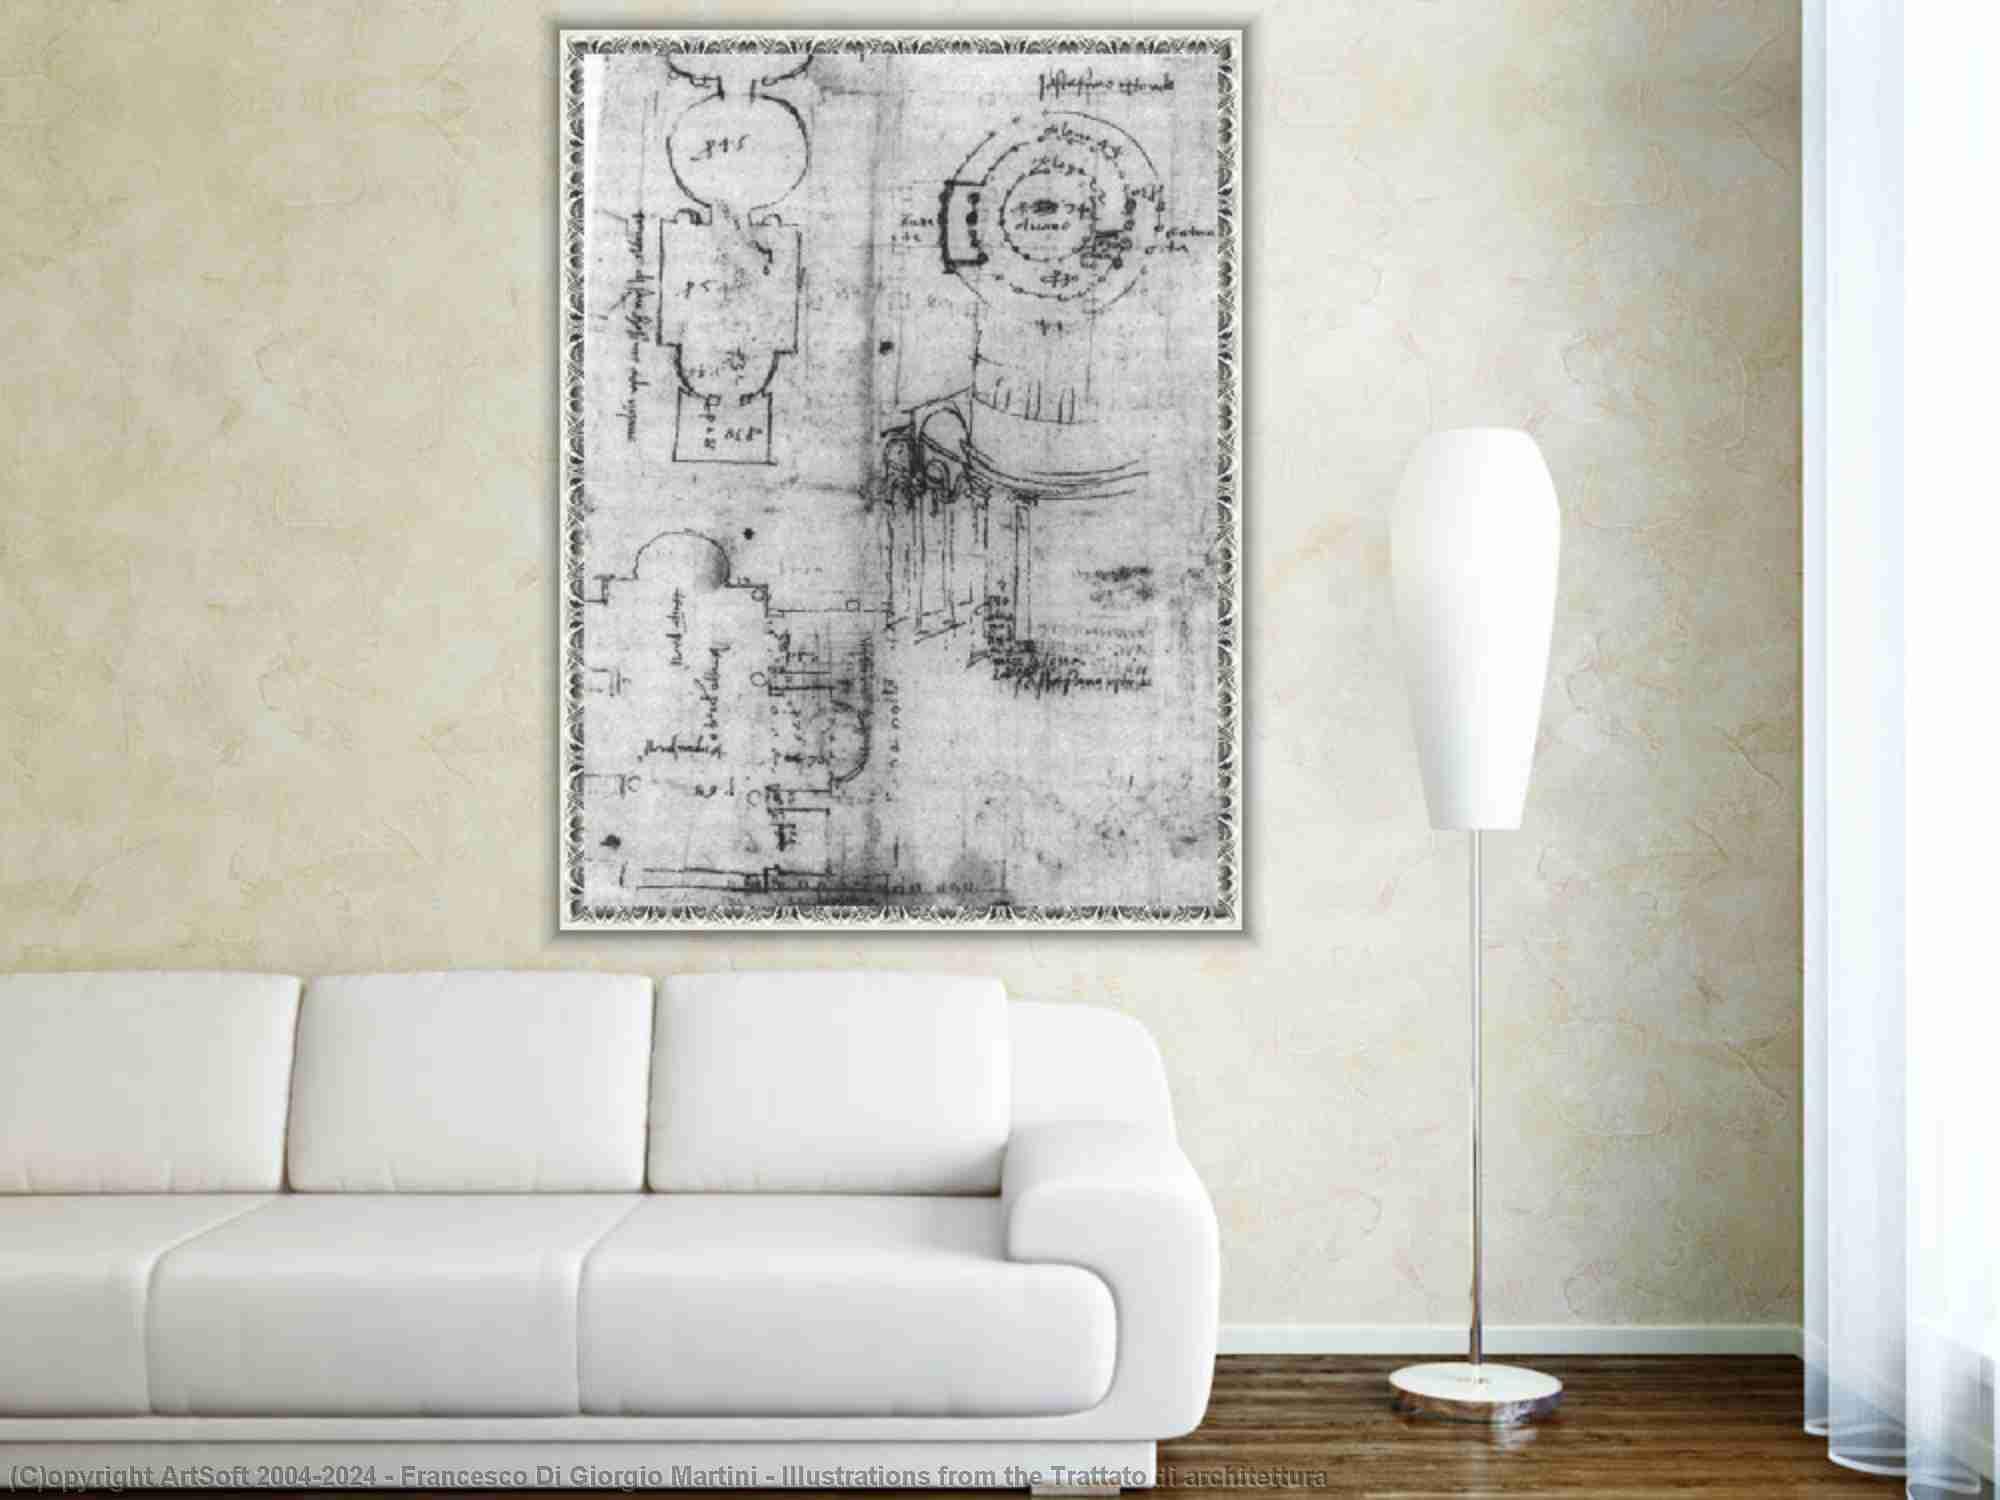 Francesco Di Giorgio Martini - Illustrazioni dal Trattato di architettura